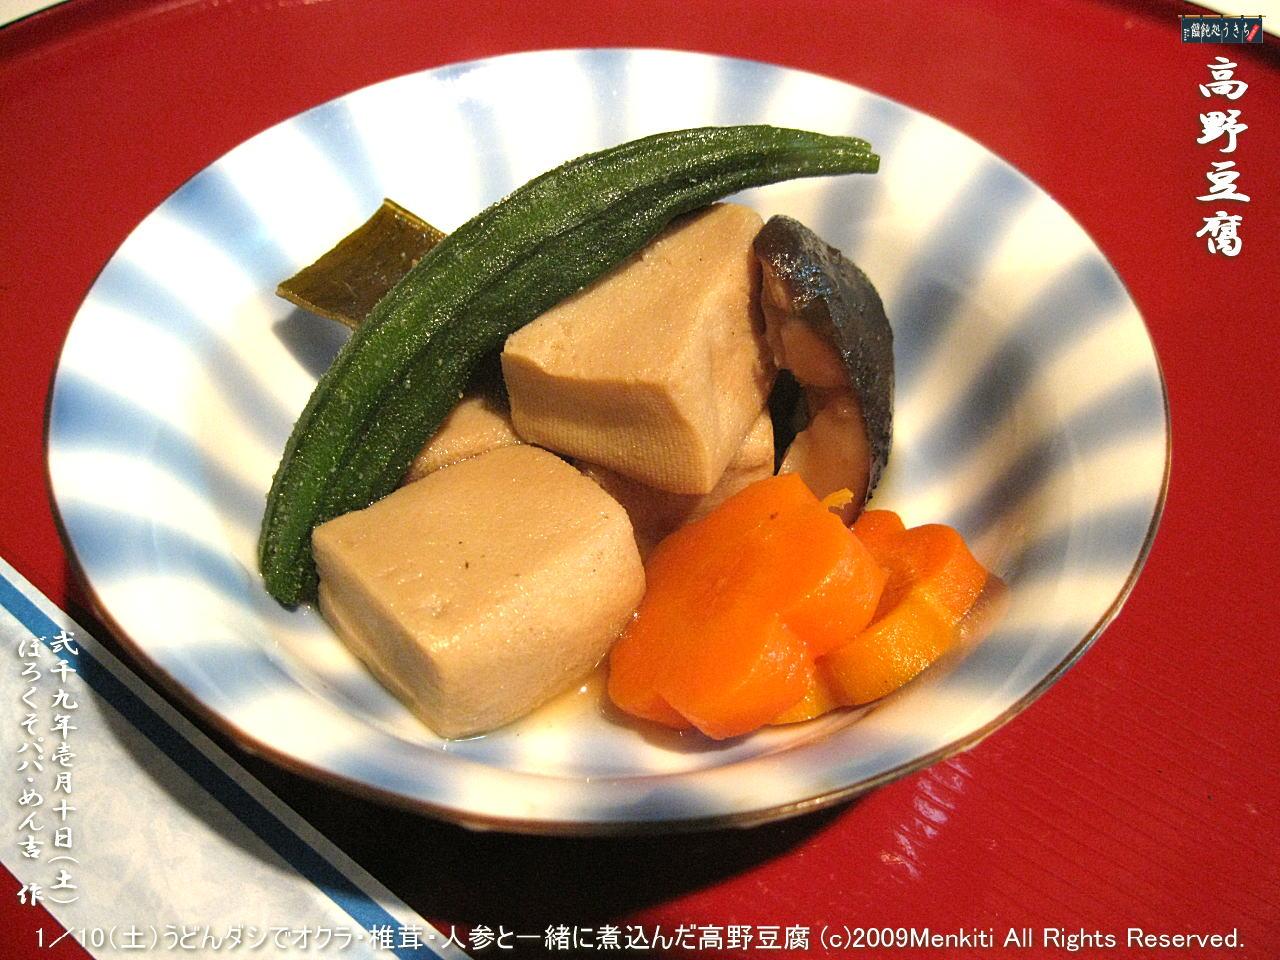 1/10(土)うどんダシでオクラ・シイタケ・ニンジンと一緒に煮た高野豆腐の含め煮@キャツピ&めん吉の【ぼろくそパパの独り言】     ▼クリックで1280x960pxlsに拡大します。